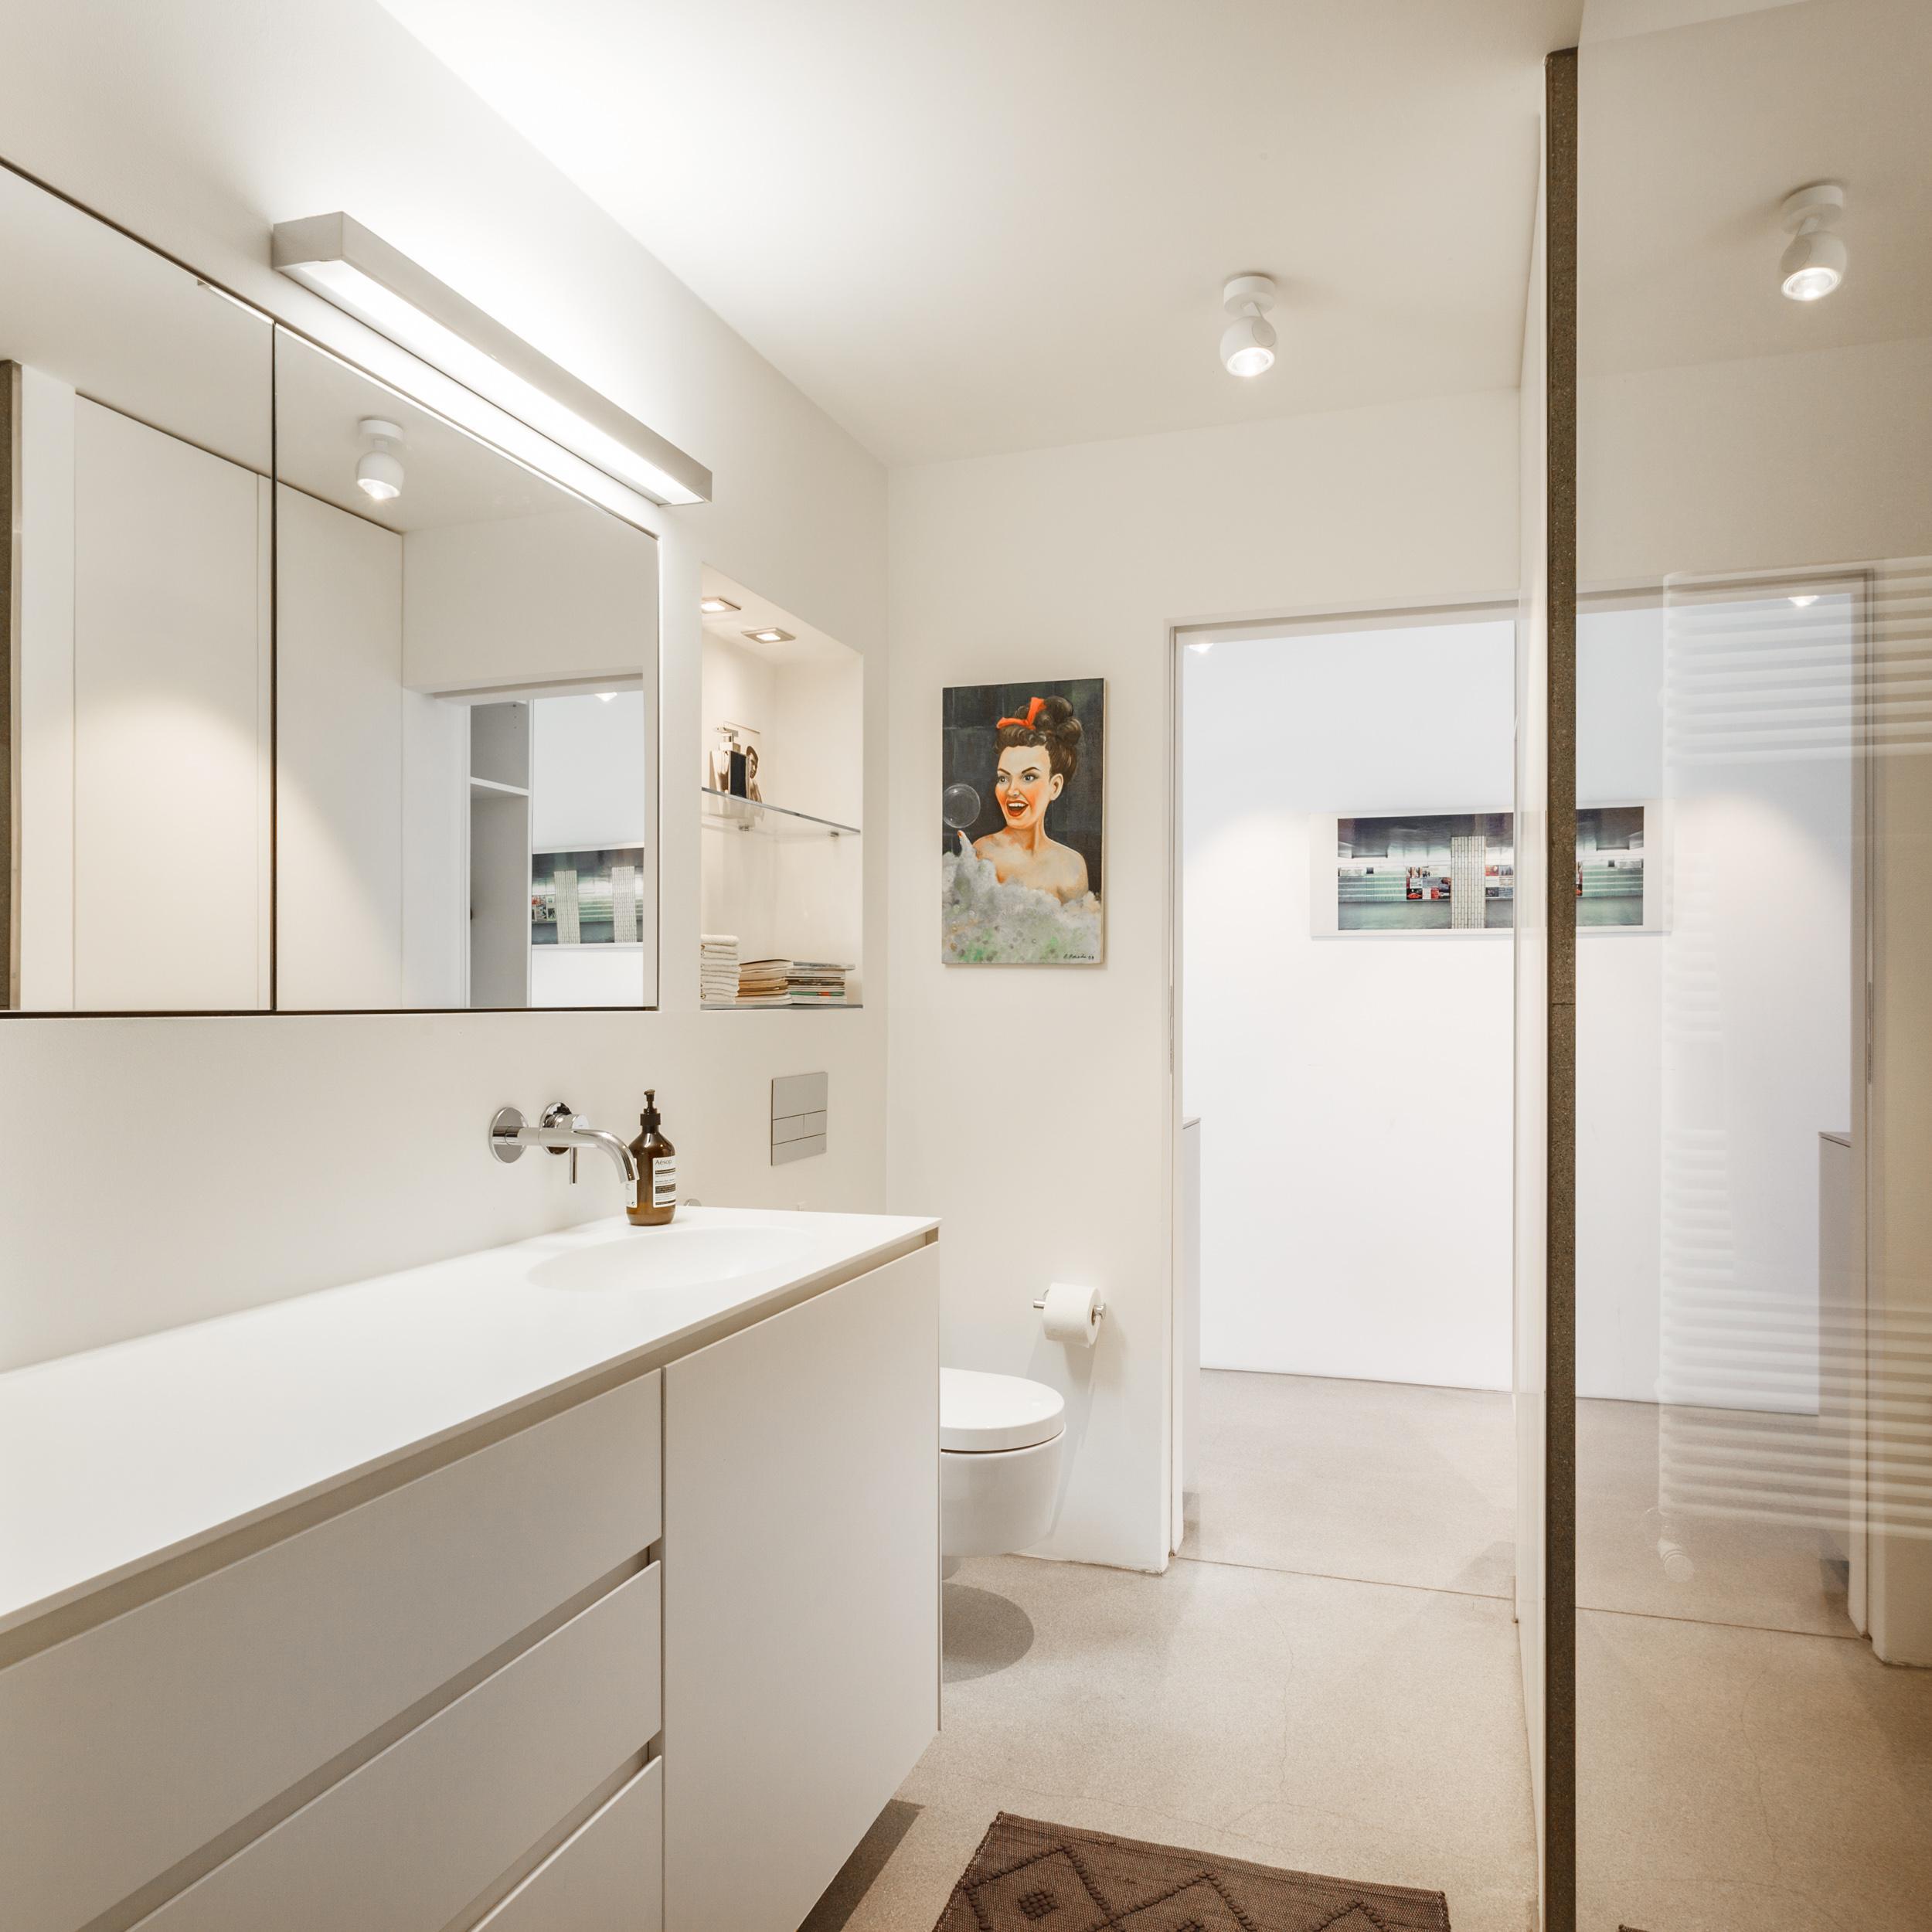 Offenes Badezimmer • Bilder & Ideen • COUCH